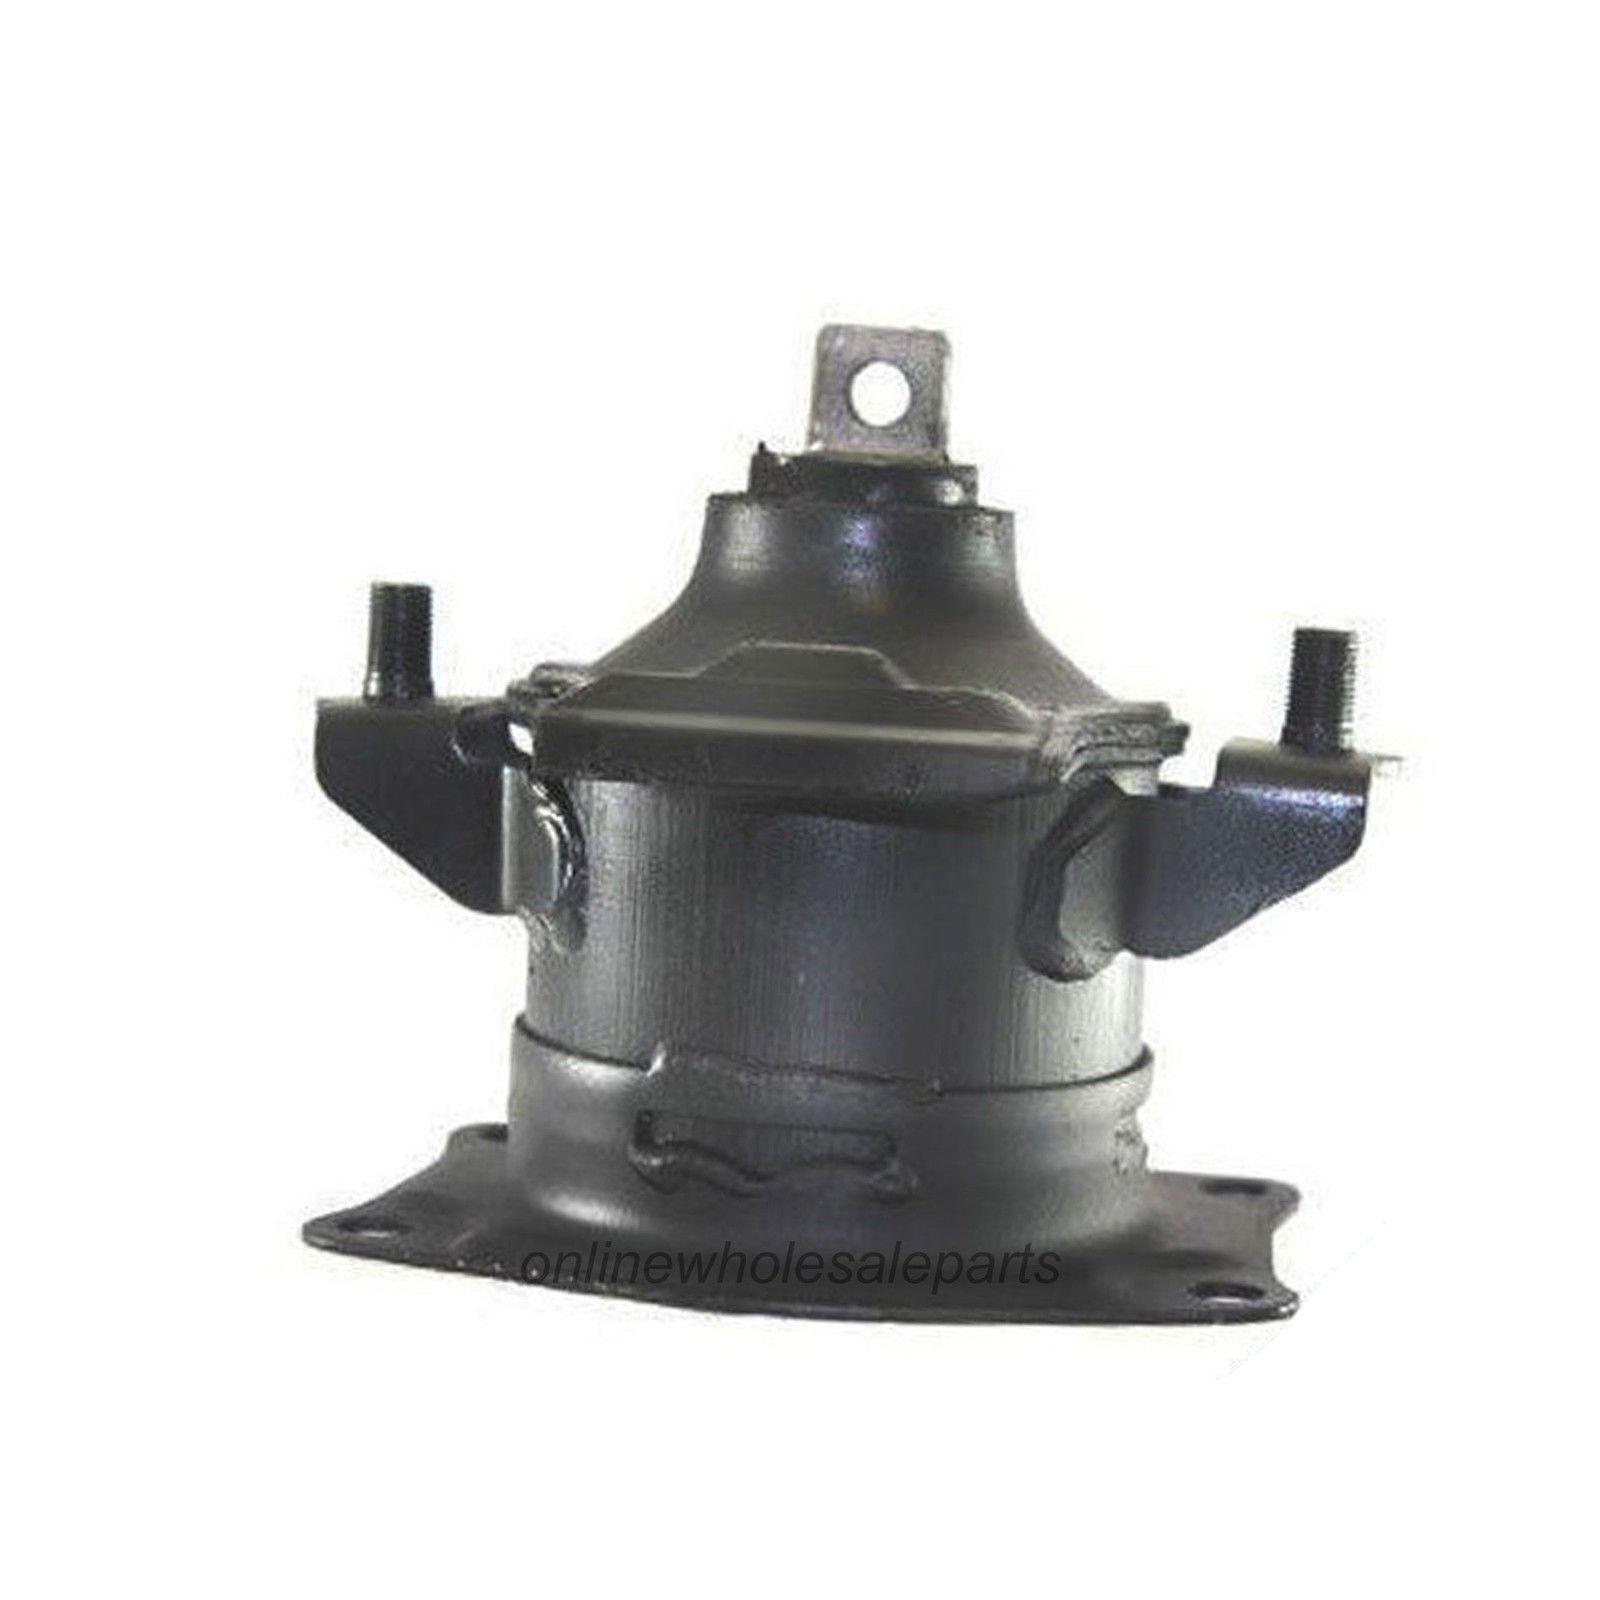 Brand New Rear Hydraulic Engine Motor Mount Acura RL 2005-2008 /& TL 2004-2008